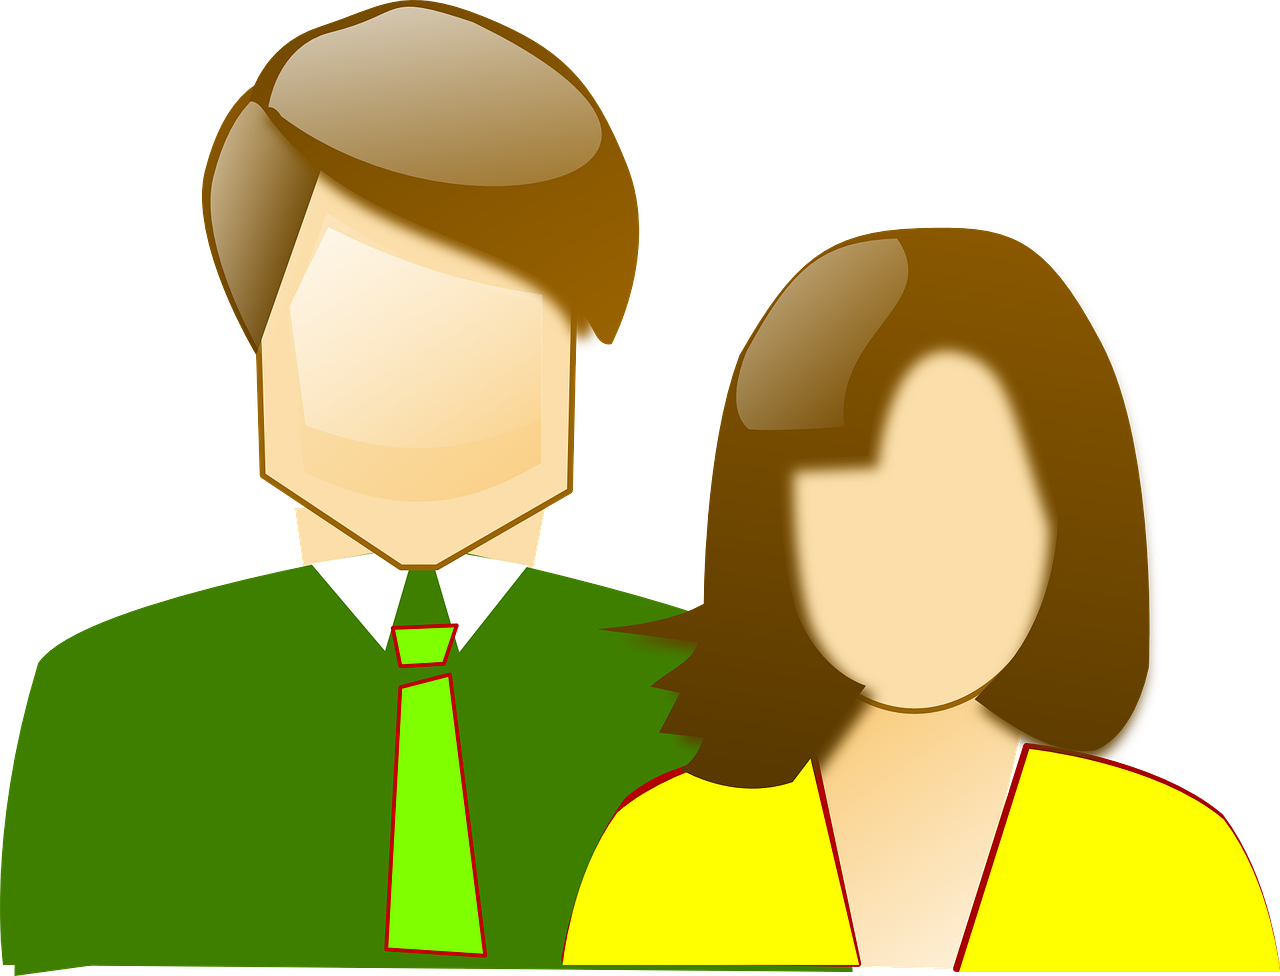 Pixabay License Freie kommerzielle Nutzung Kein Bildnachweis nötig